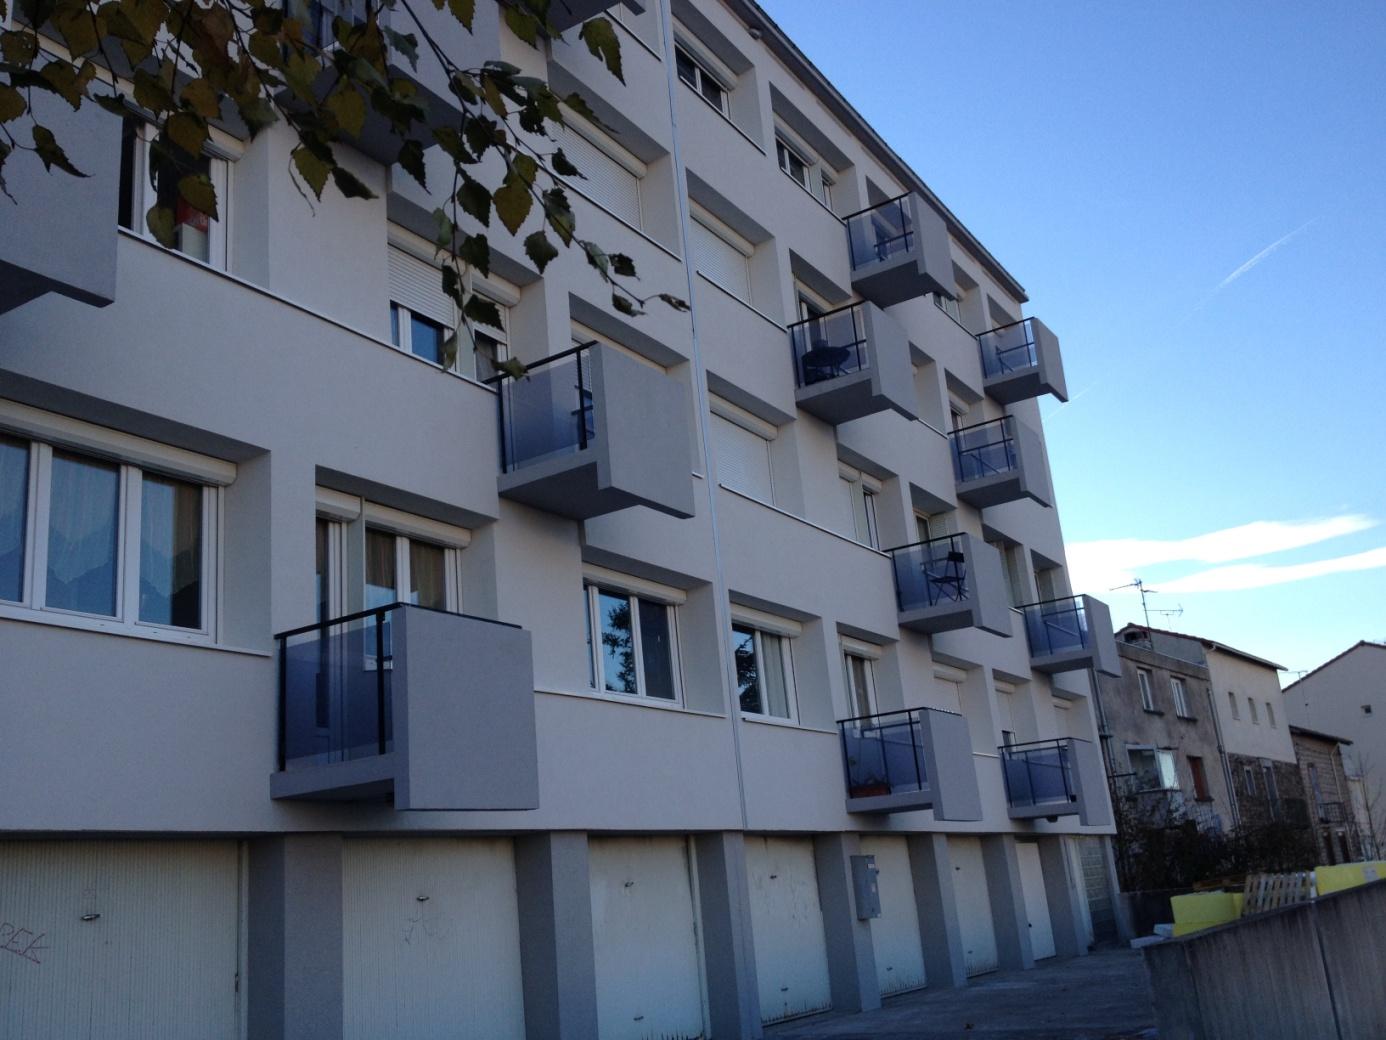 Ravalement de façade avec ITE (Isolation thermique extérieure)